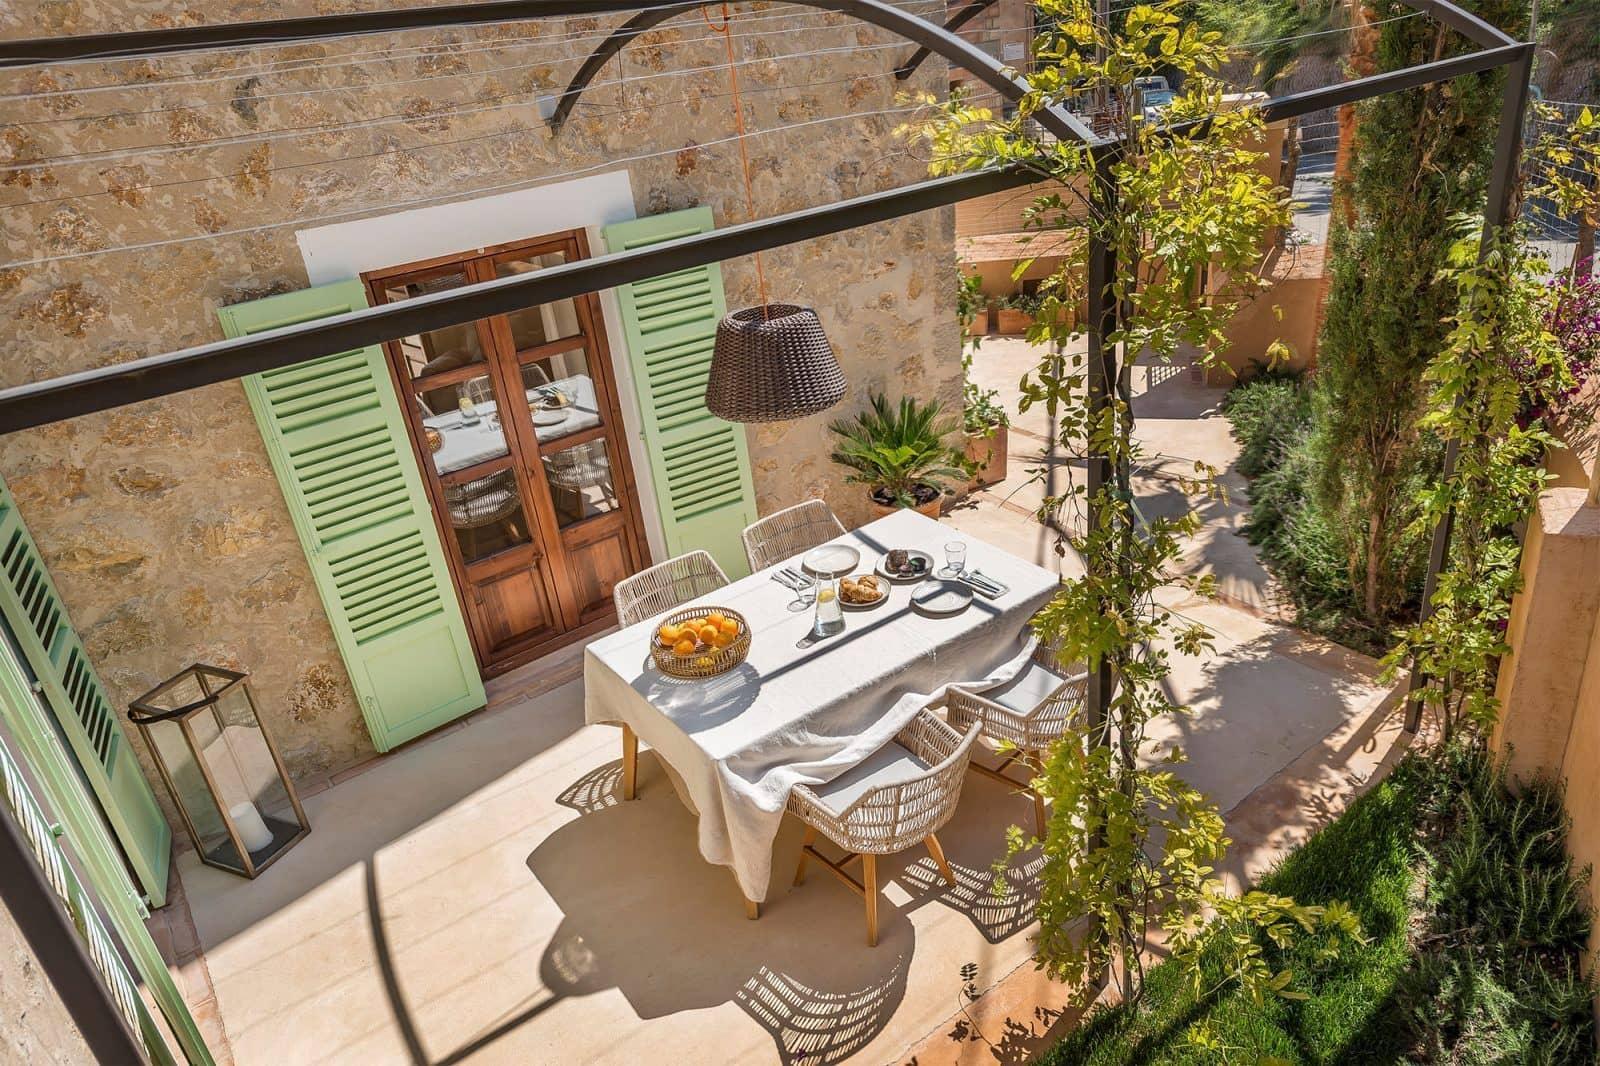 Casa de 2 habitaciones en Deià en venta con piscina - 875.000 € (Ref: 5725186)